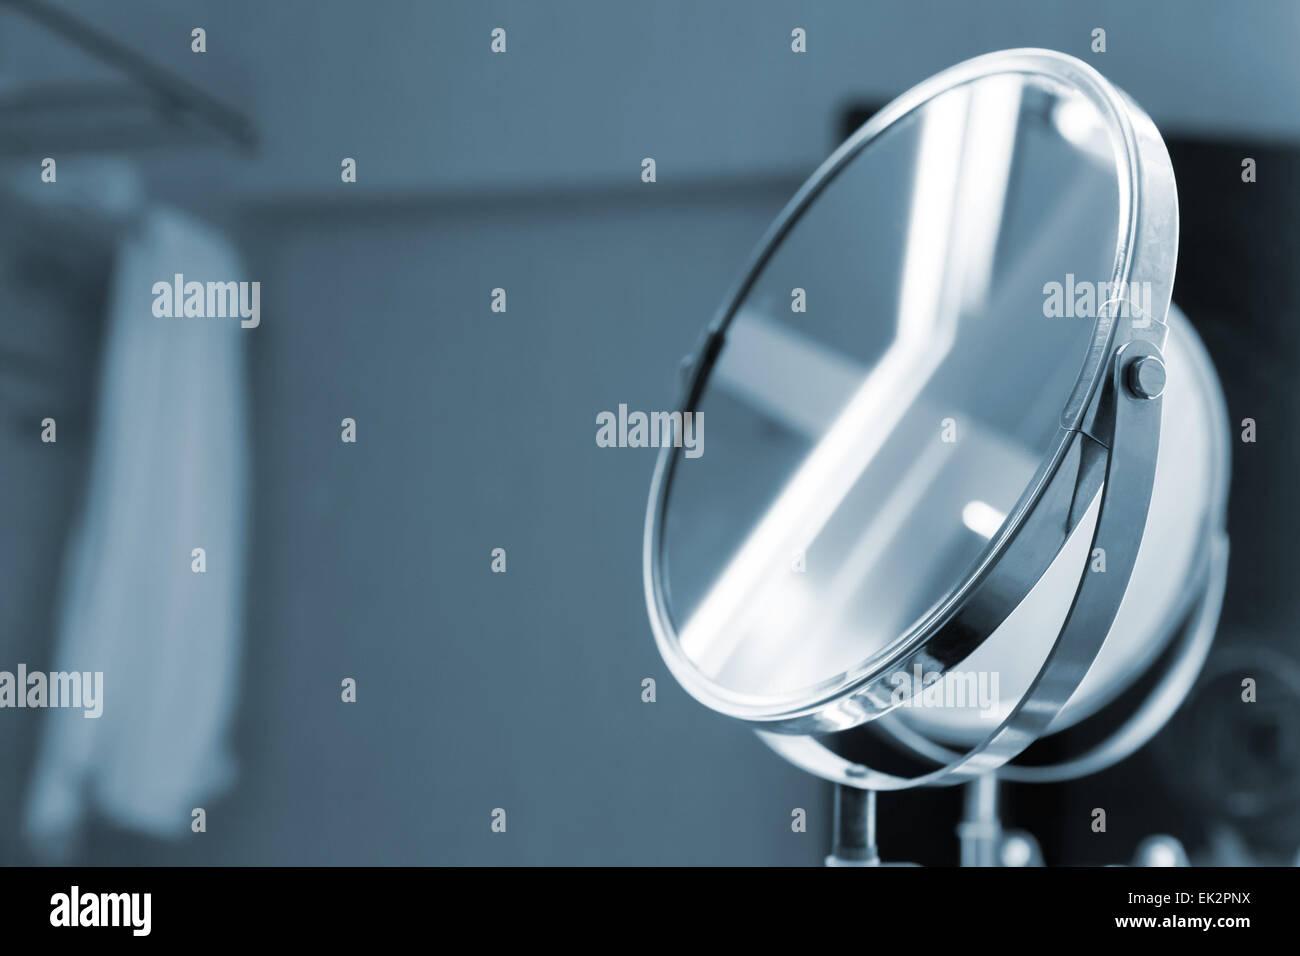 Round specchio bagno con illuminazione nei toni del blu foto in